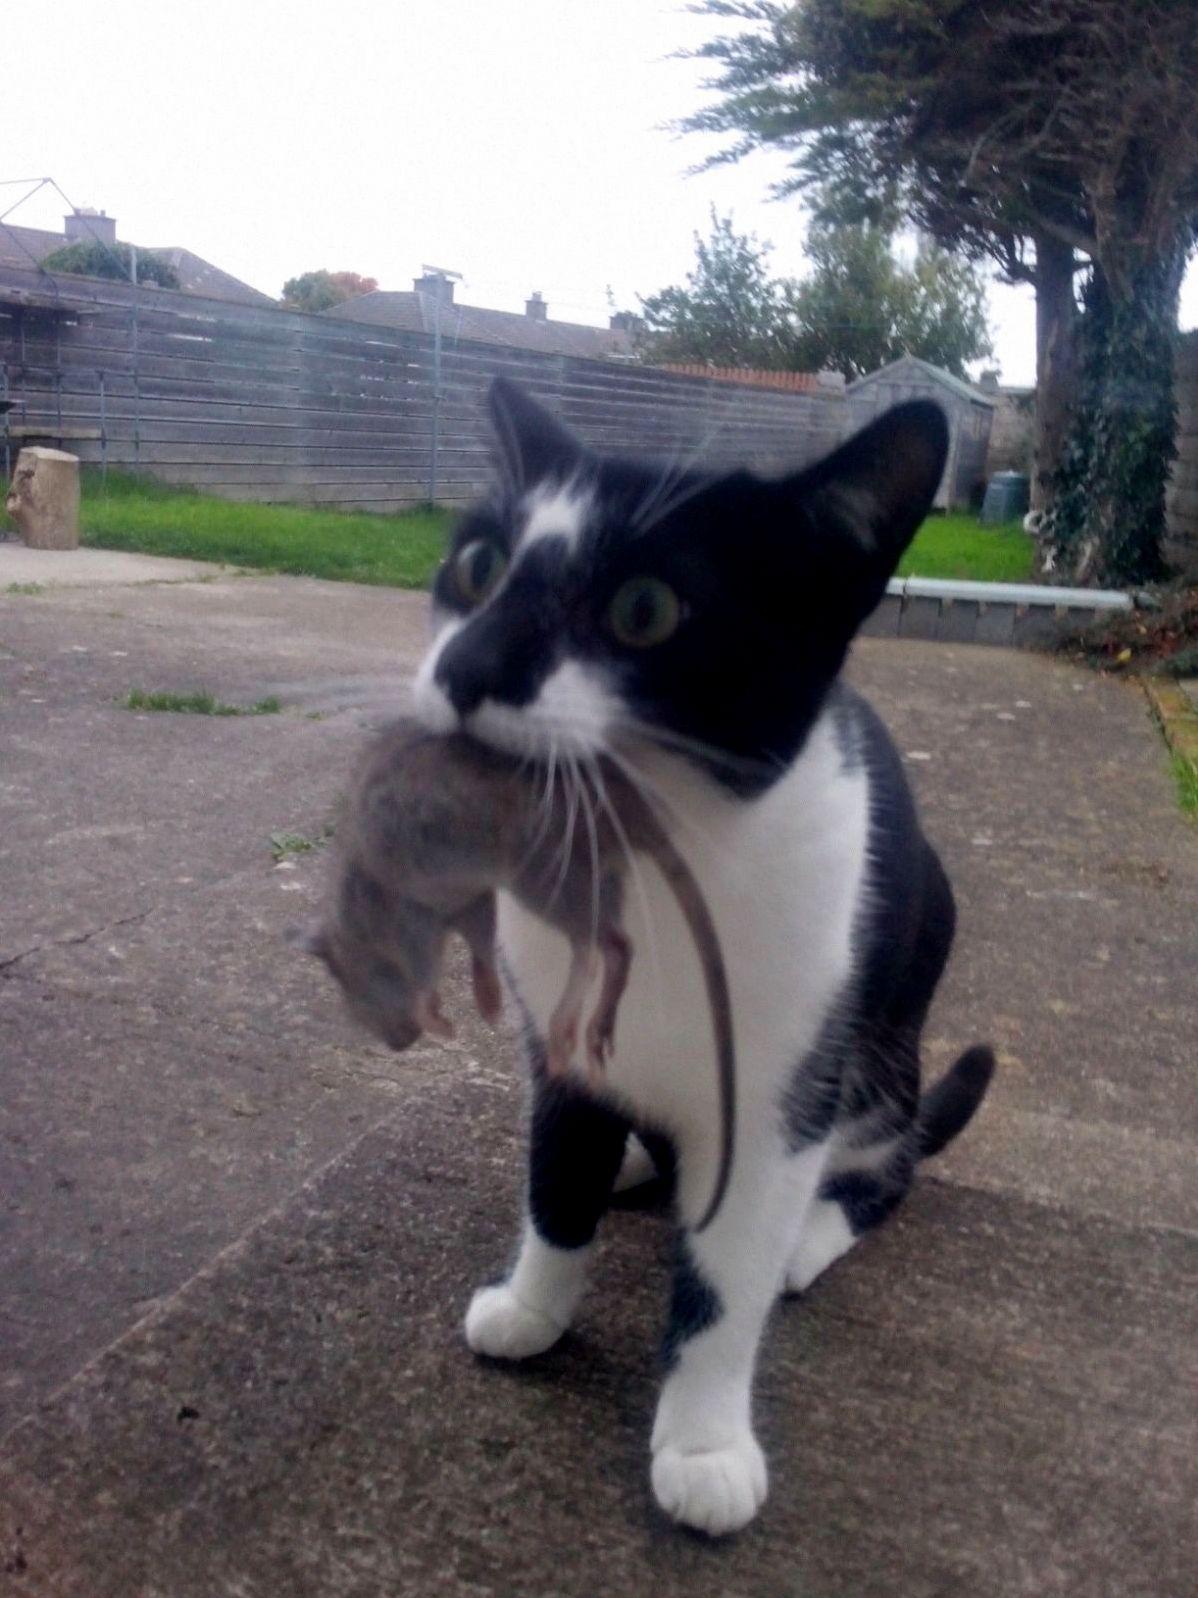 Billy caught a smallish rat as a guft